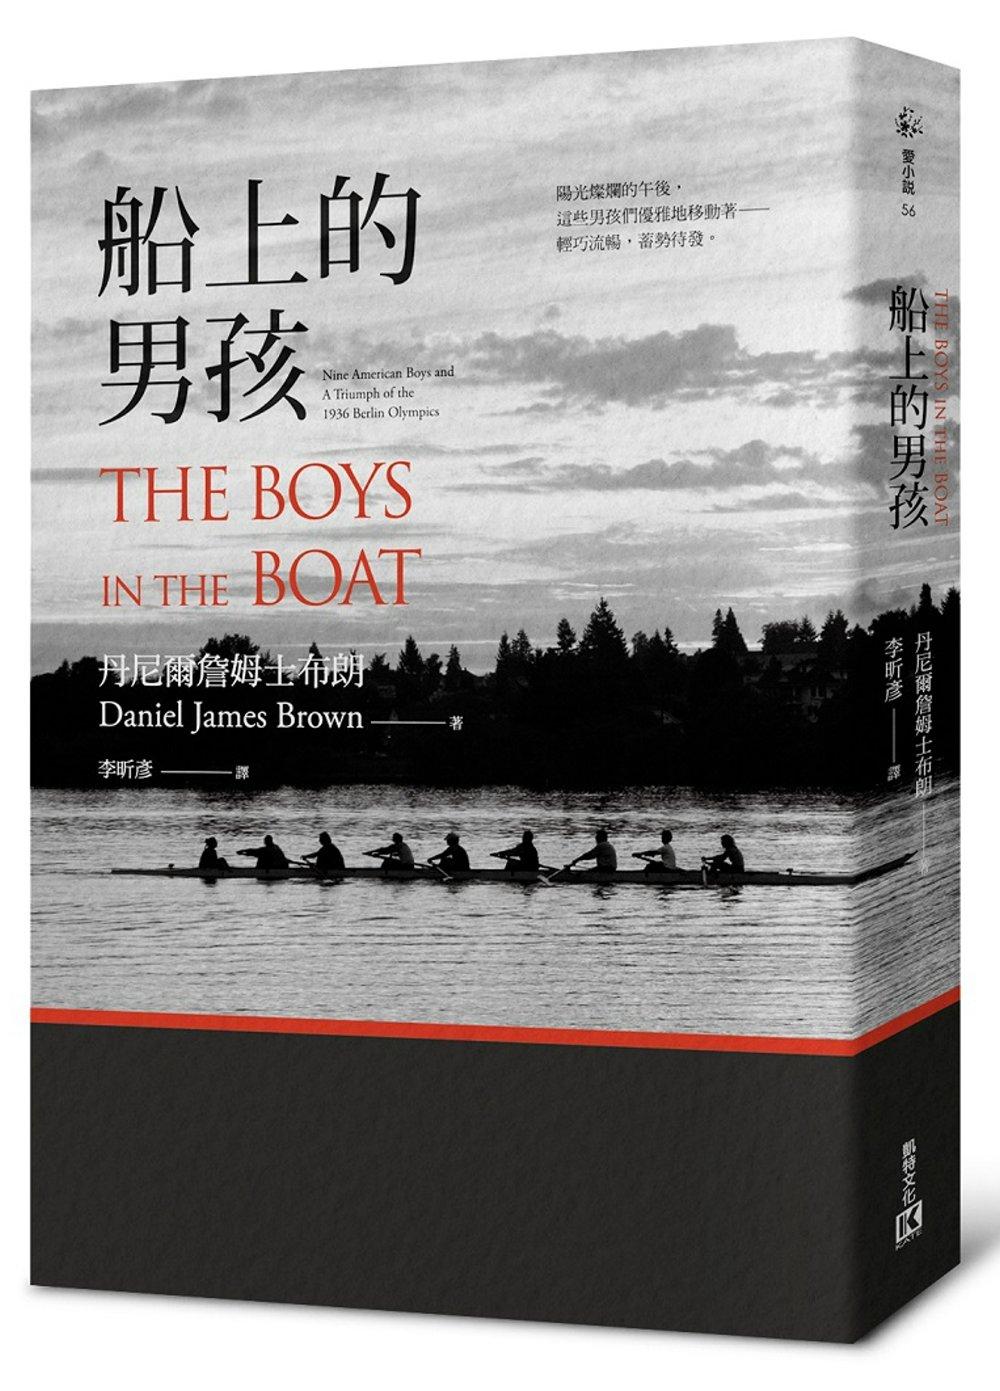 船上的男孩:九位美國男孩的一九三六年柏林奧運史詩奪金路